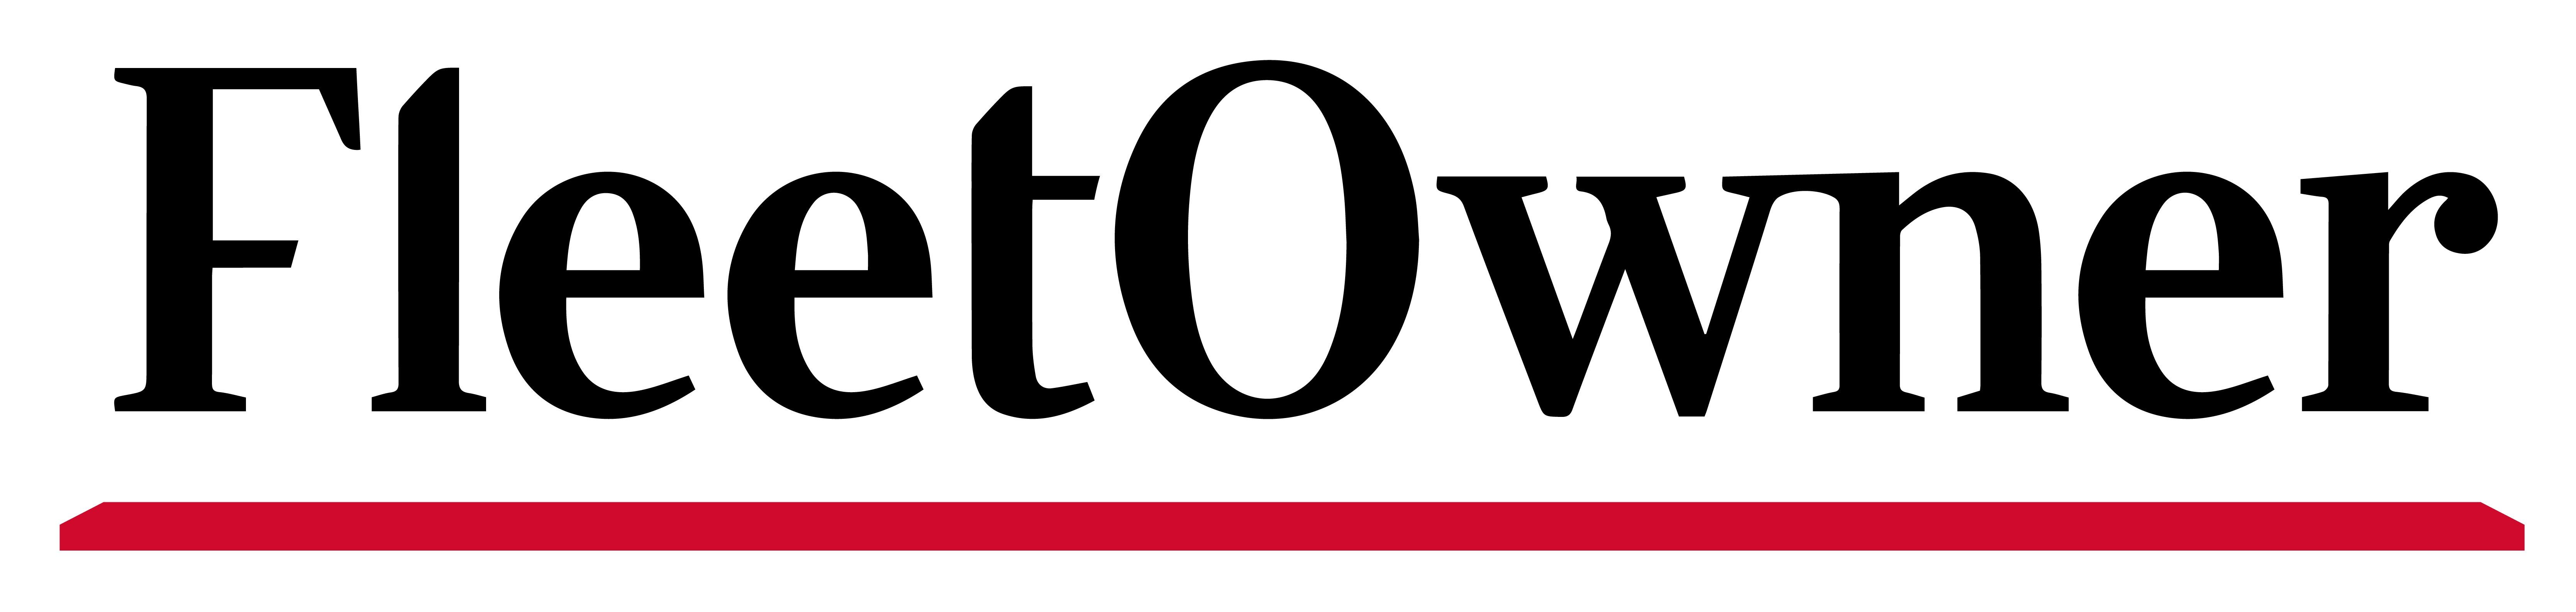 Fleet-Owner-logo-new-2016.jpg